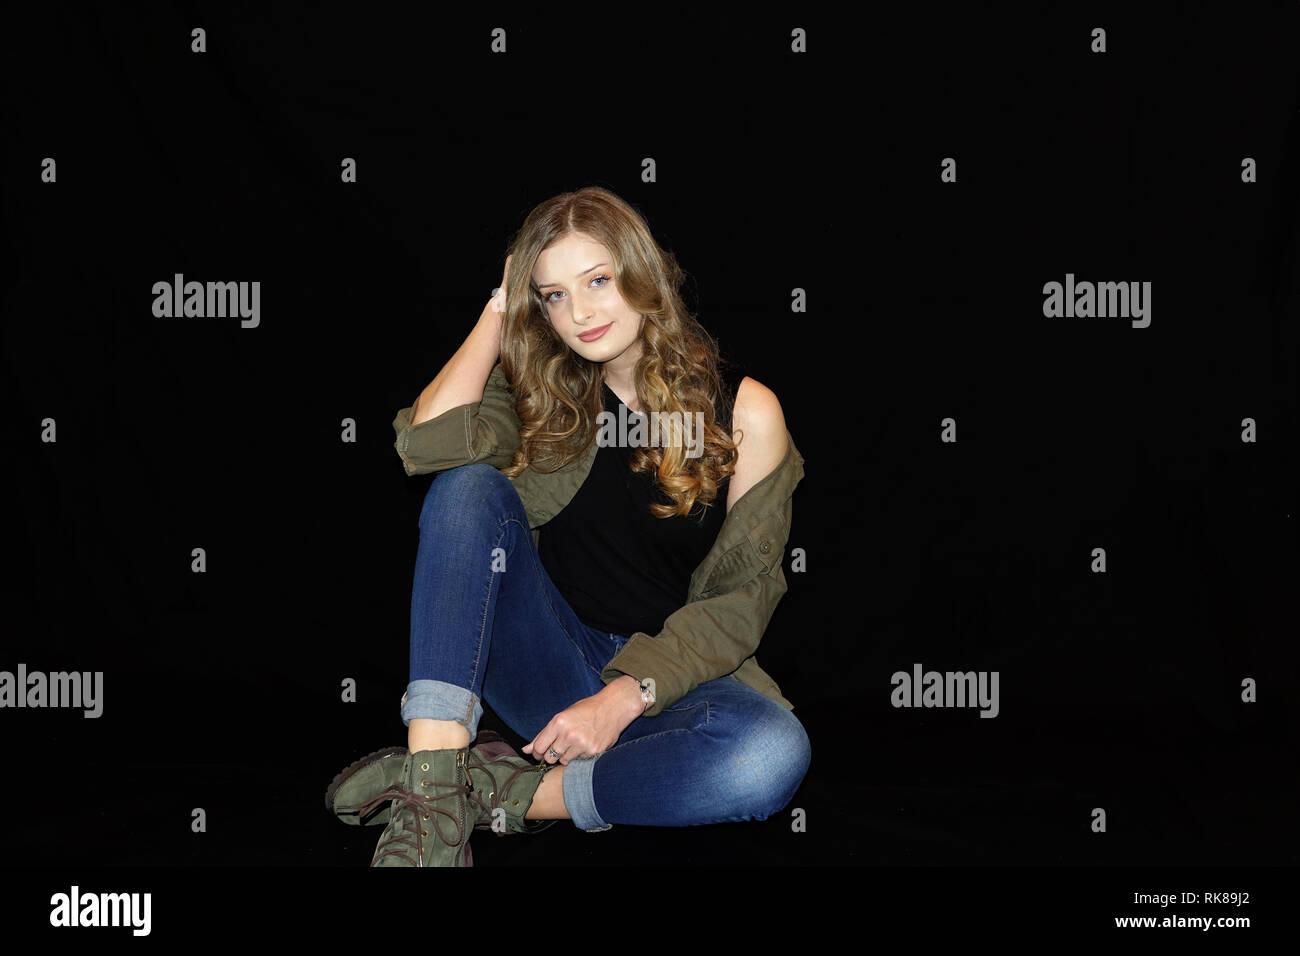 Une Fille De La Campagne A L Aide Pose Classique Photo Stock Alamy